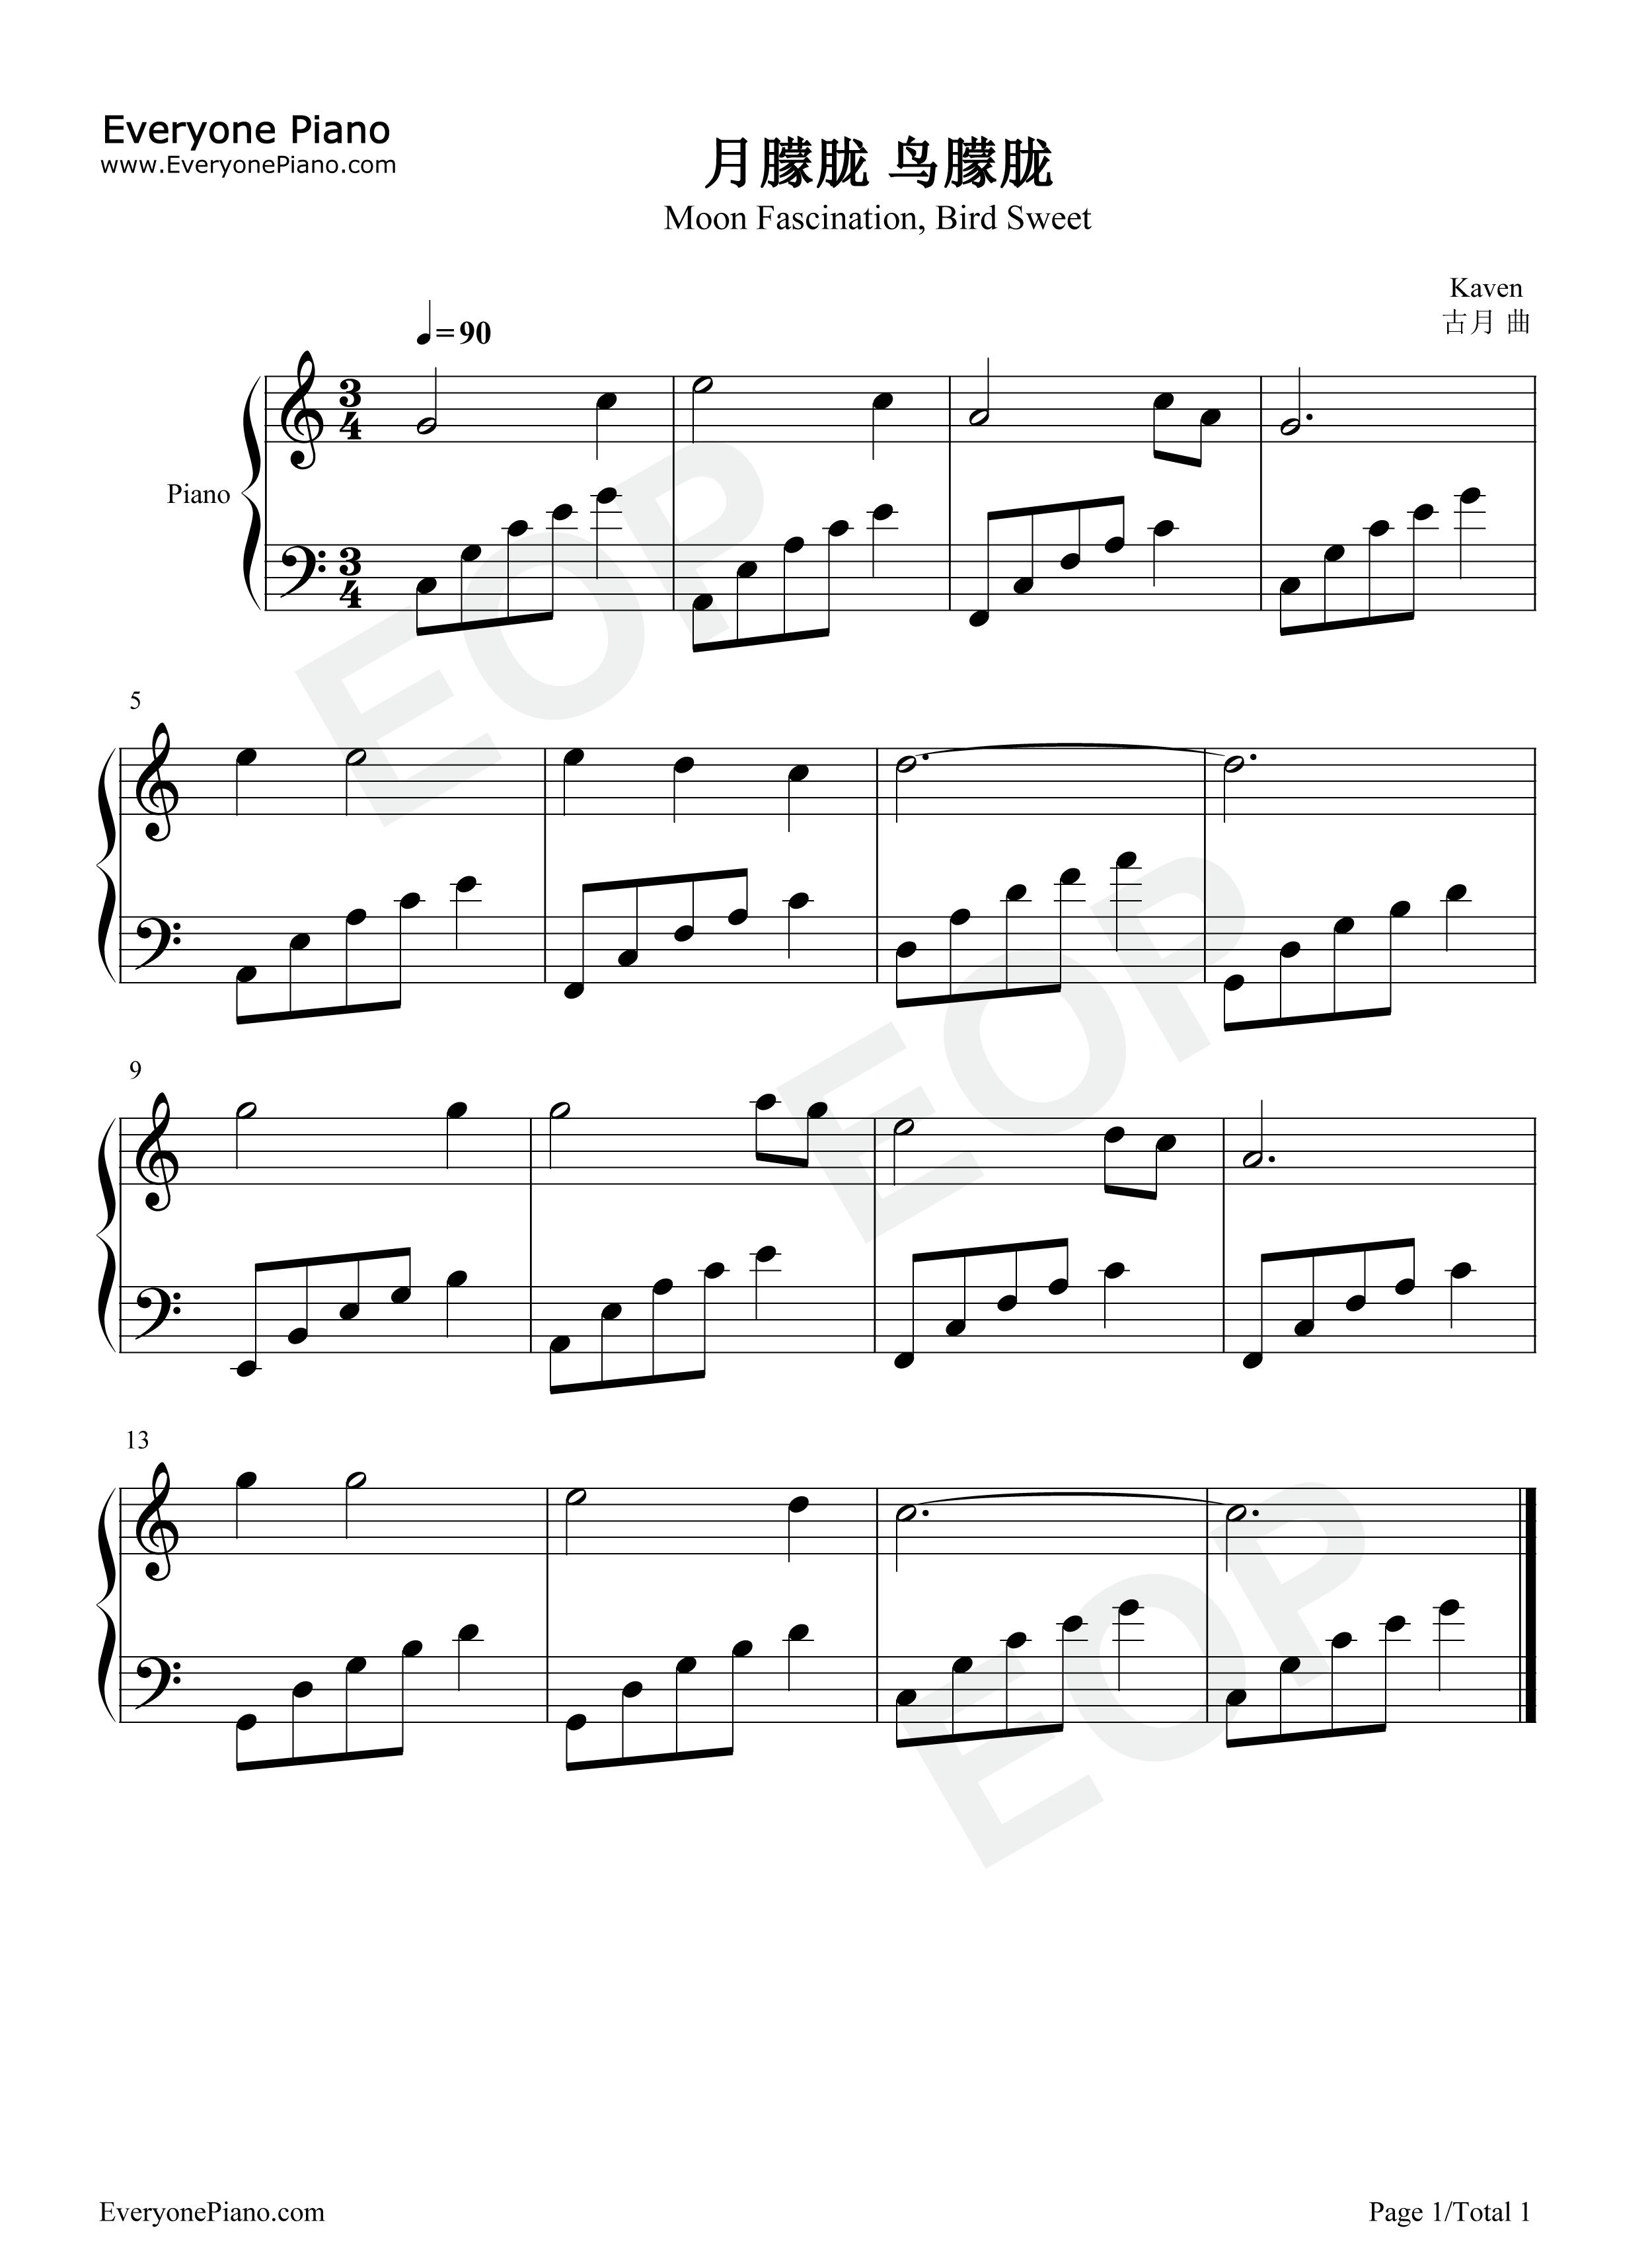 月朦胧鸟朦胧 月朦胧鸟朦胧插曲五线谱预览 EOP在线乐谱架